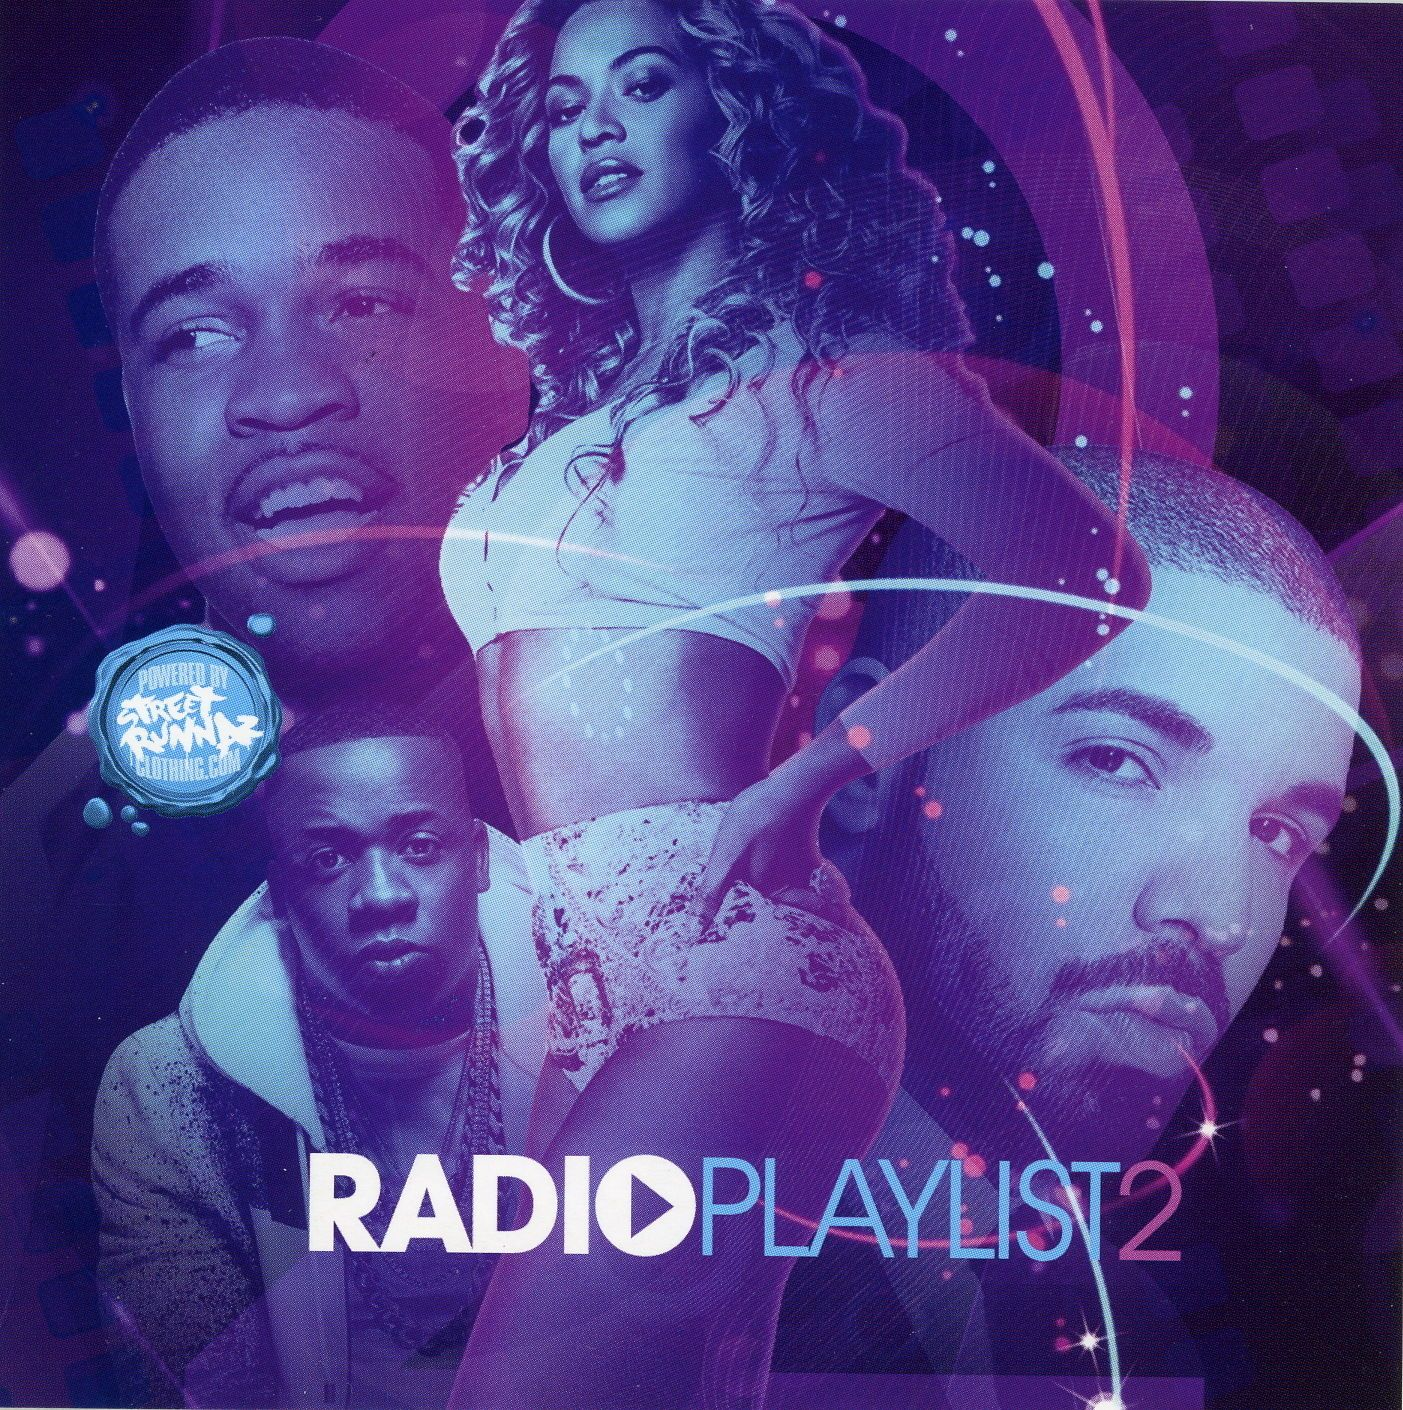 Radio Playlist 2 Various Artist (Mix Cd) Pop Hip Hop Rap Rnb Dj Use